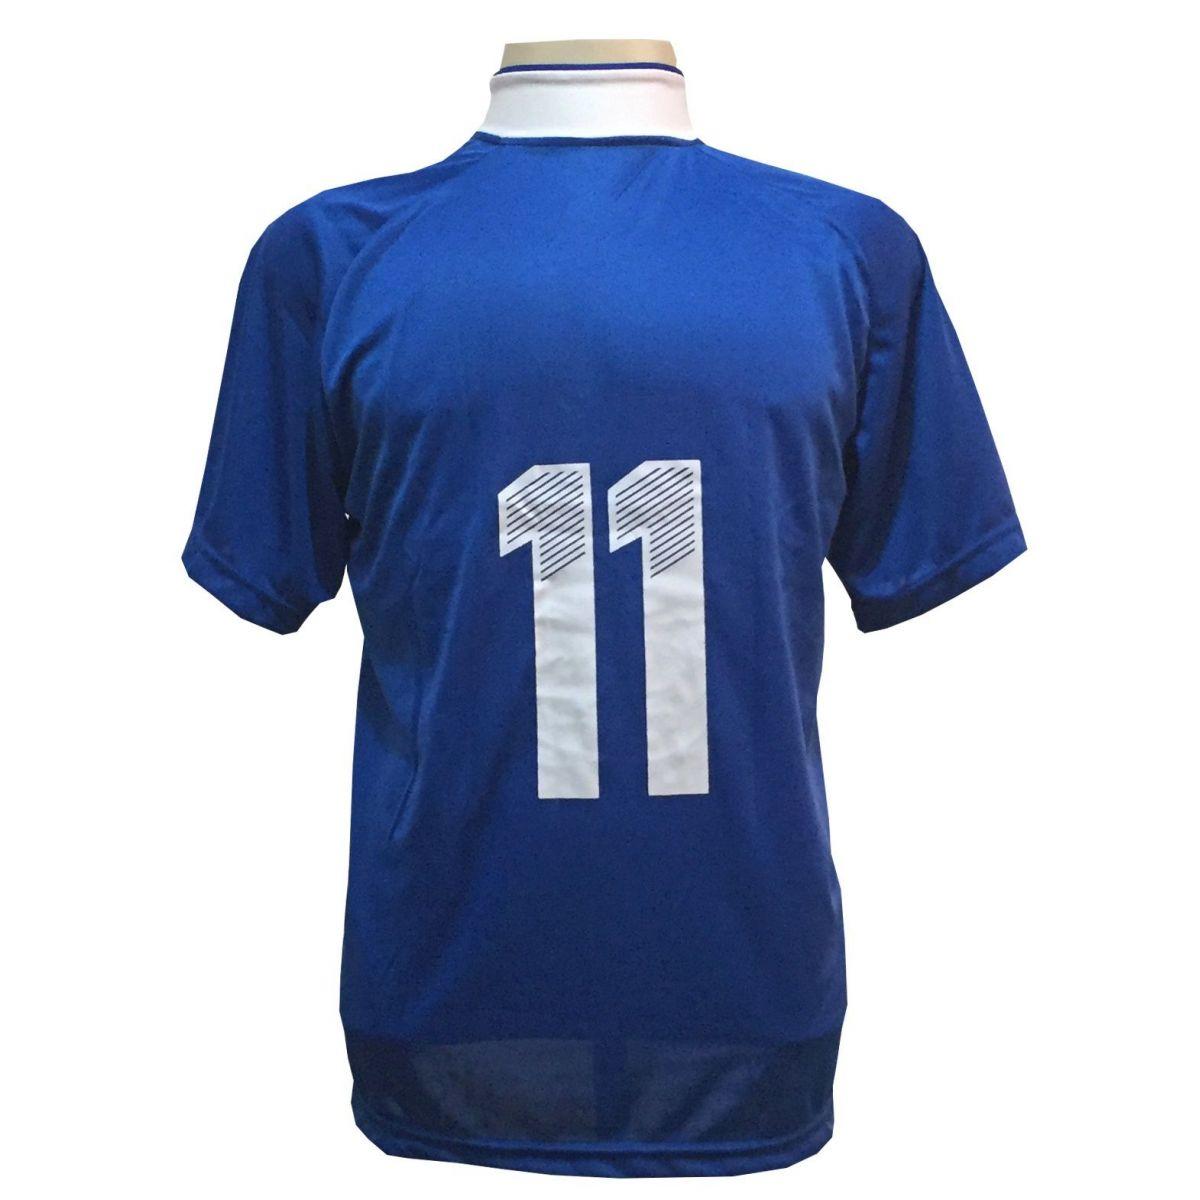 Jogo de Camisa com 20 unidades modelo Milan Royal/Branco + Brindes